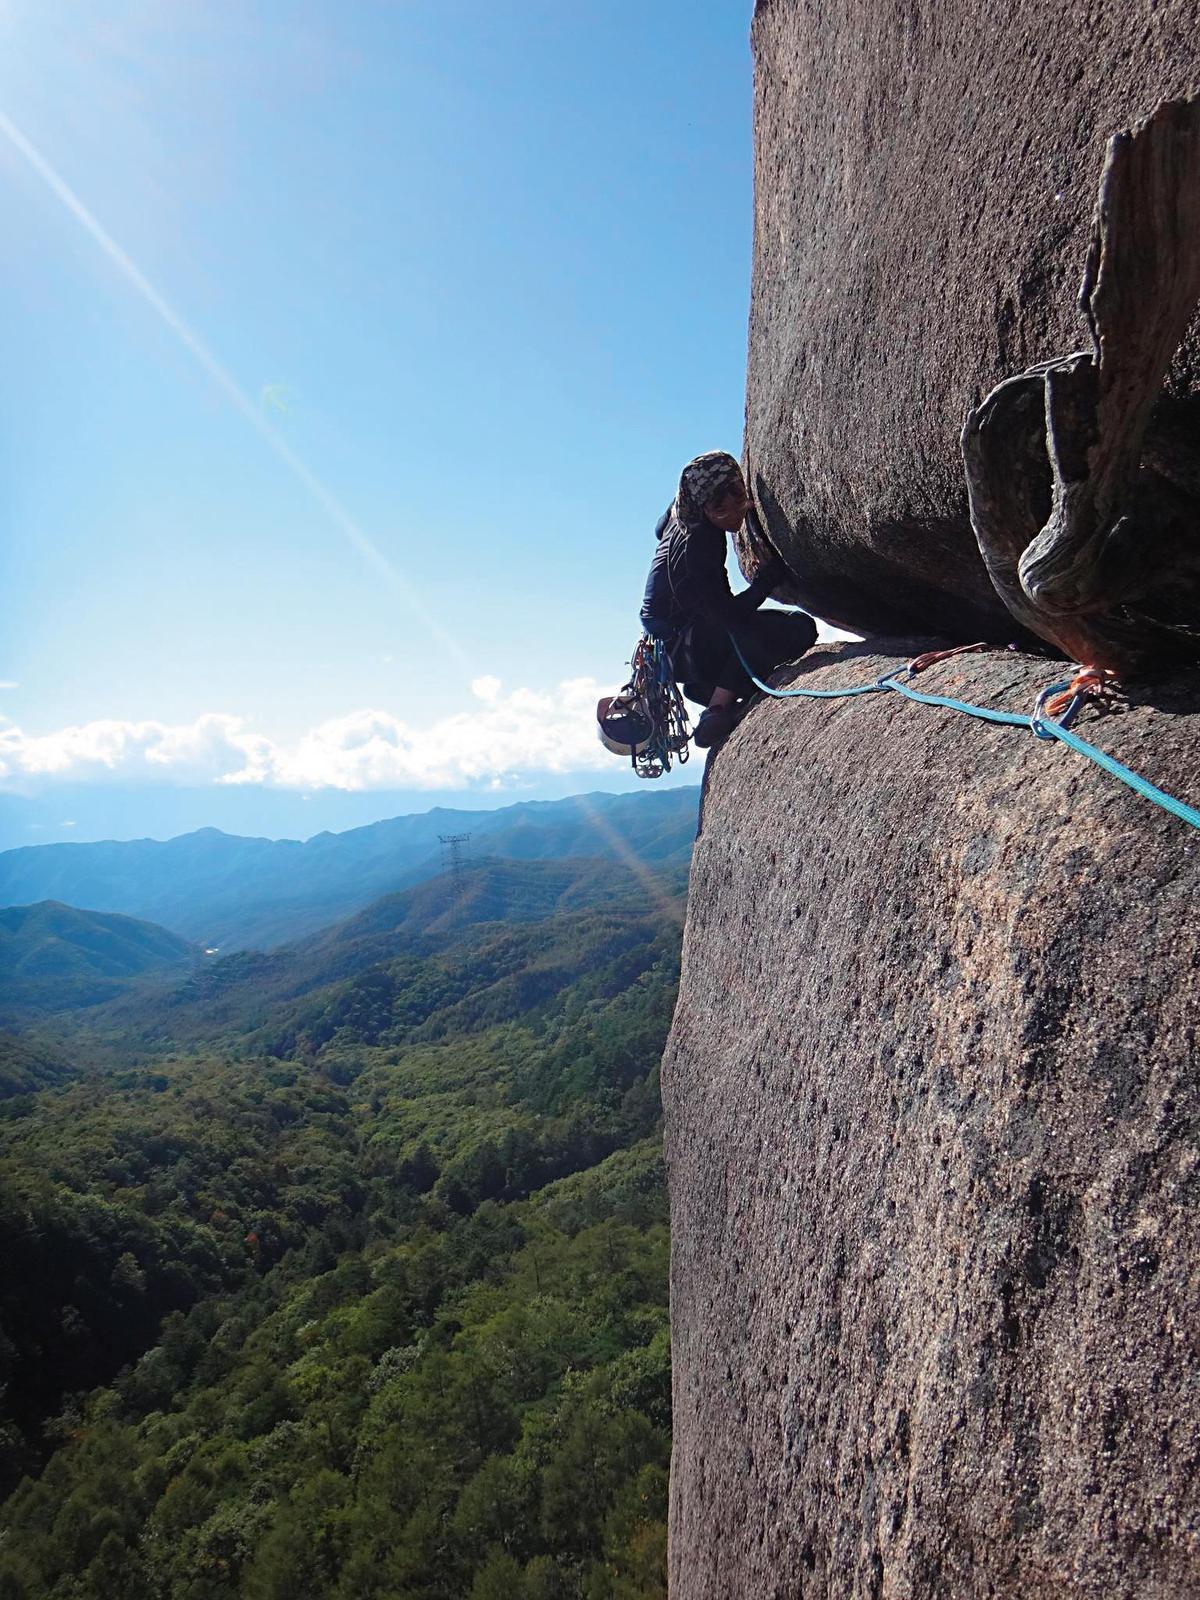 陳雅得接觸攀岩之後,才接觸攀樹。陳雅得認為兩者的差別主要在於,岩石變化的速度太緩慢,樹木的變化比較容易觀察。(陳雅得提供)